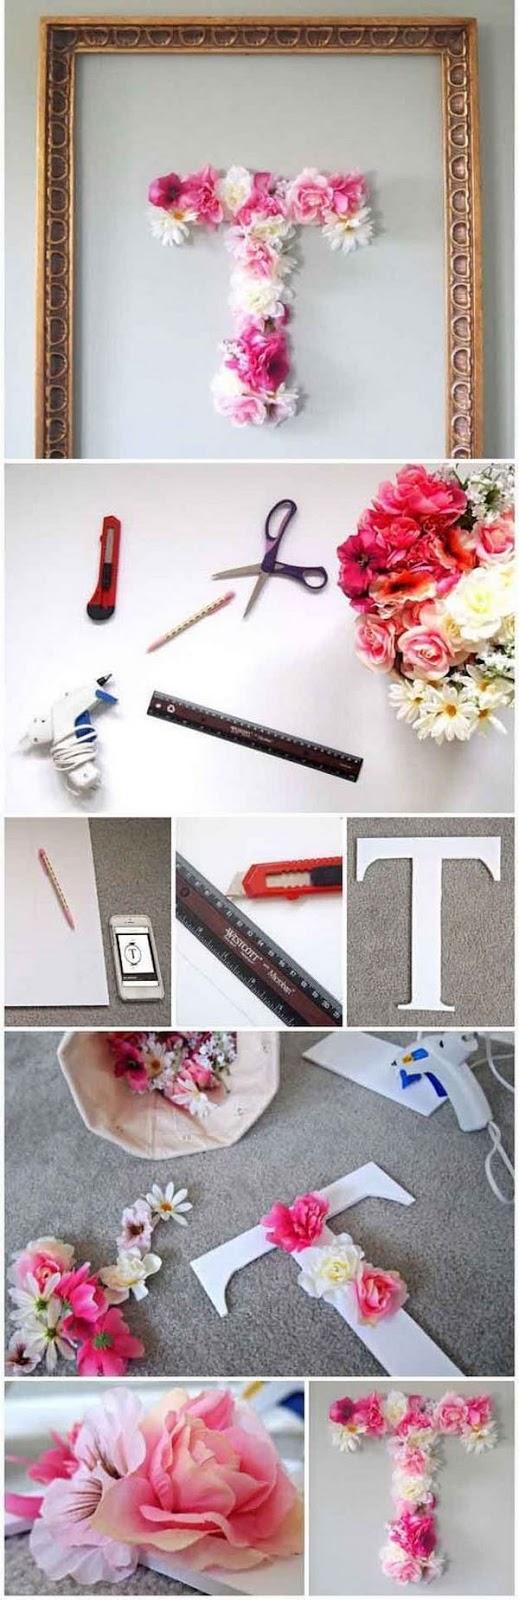 Faça uma letra do alfabeto bastante decorativa utilizando flores de plástico. Serve bem para decoração de quarto de meninas adolescentes! Muito fácil e rápido de fazer, em poucas horas você termina! Veja pelas imagens como é a montagem.